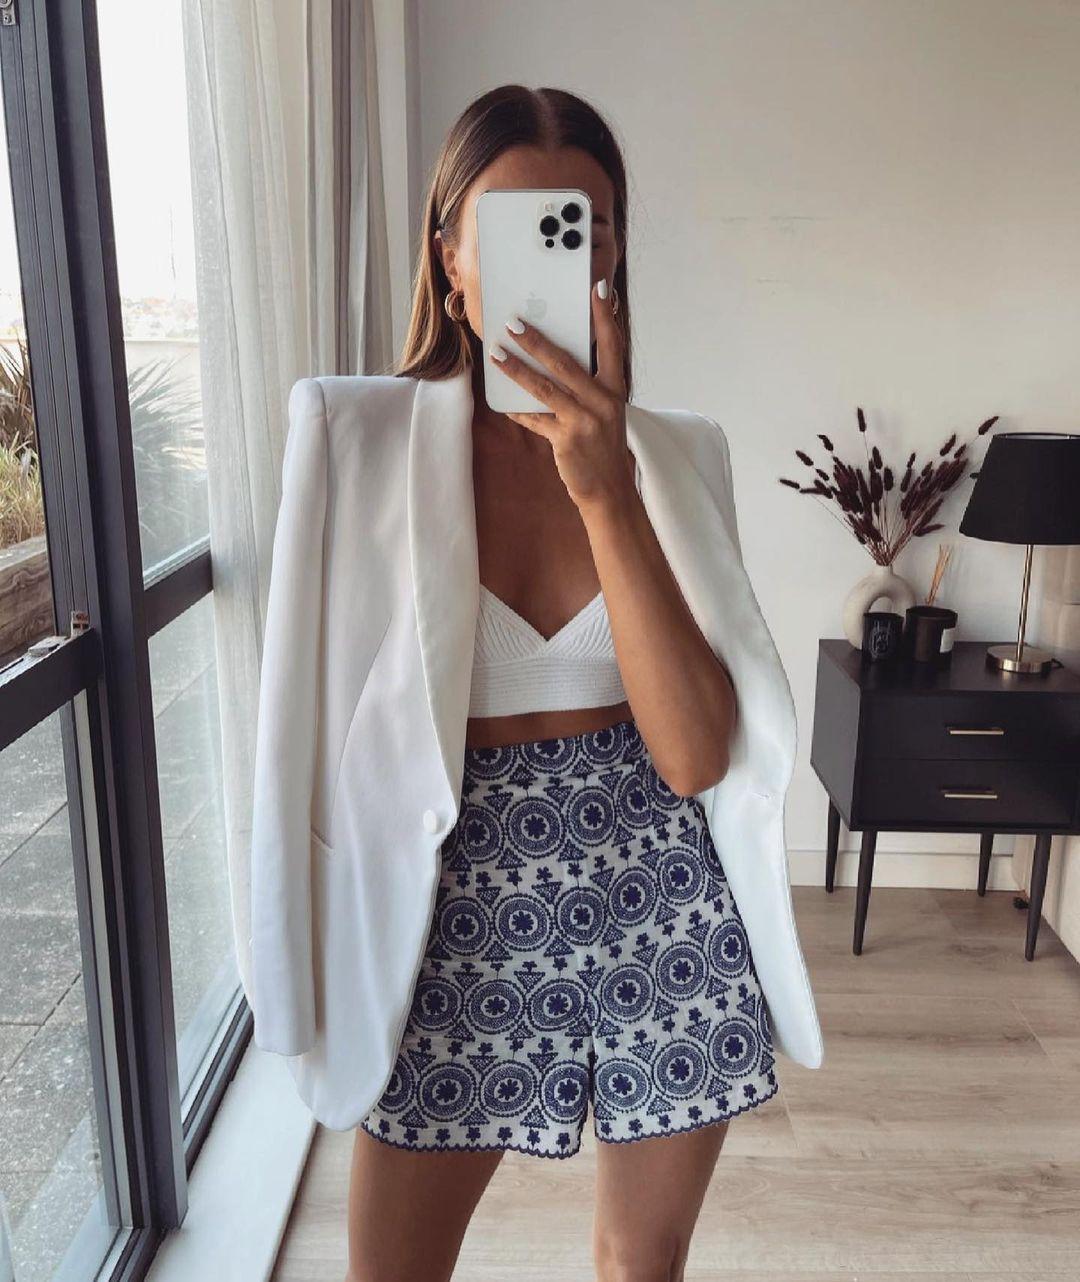 Как стильно носить летние вещи: 20 способов выглядеть самой модной красоткой